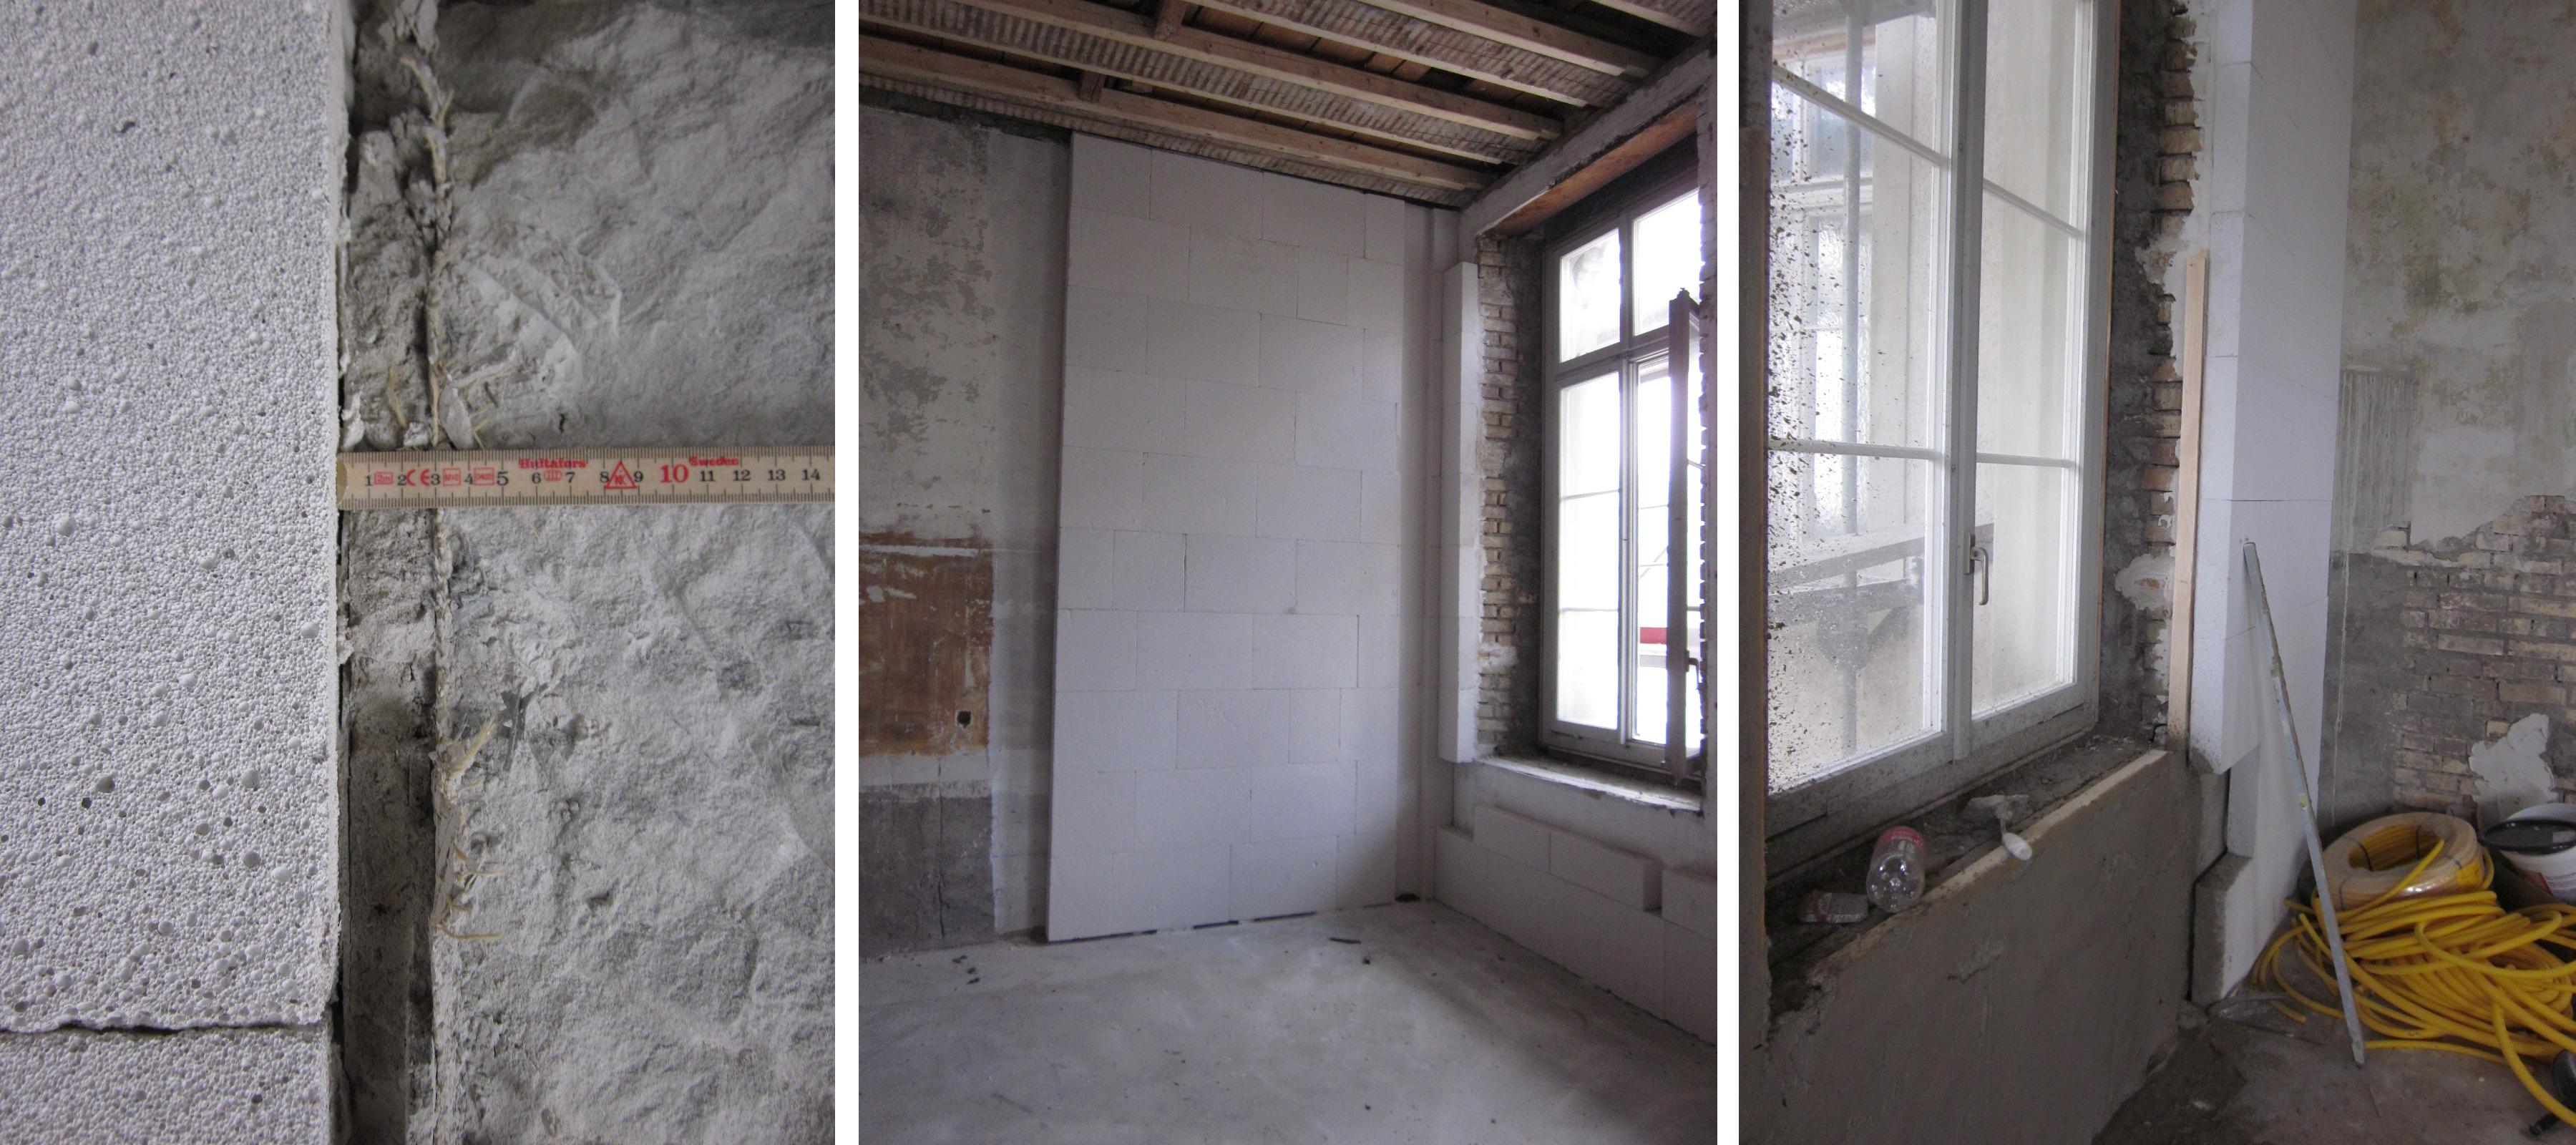 Fotos der Ausführung der Umbaumassnahmen bei den Aussenwänden. Die Anschlüsse der Innendämmschichten beim Fenster (Leibung, Brüstung und Sturz) sind besonders zu beachten